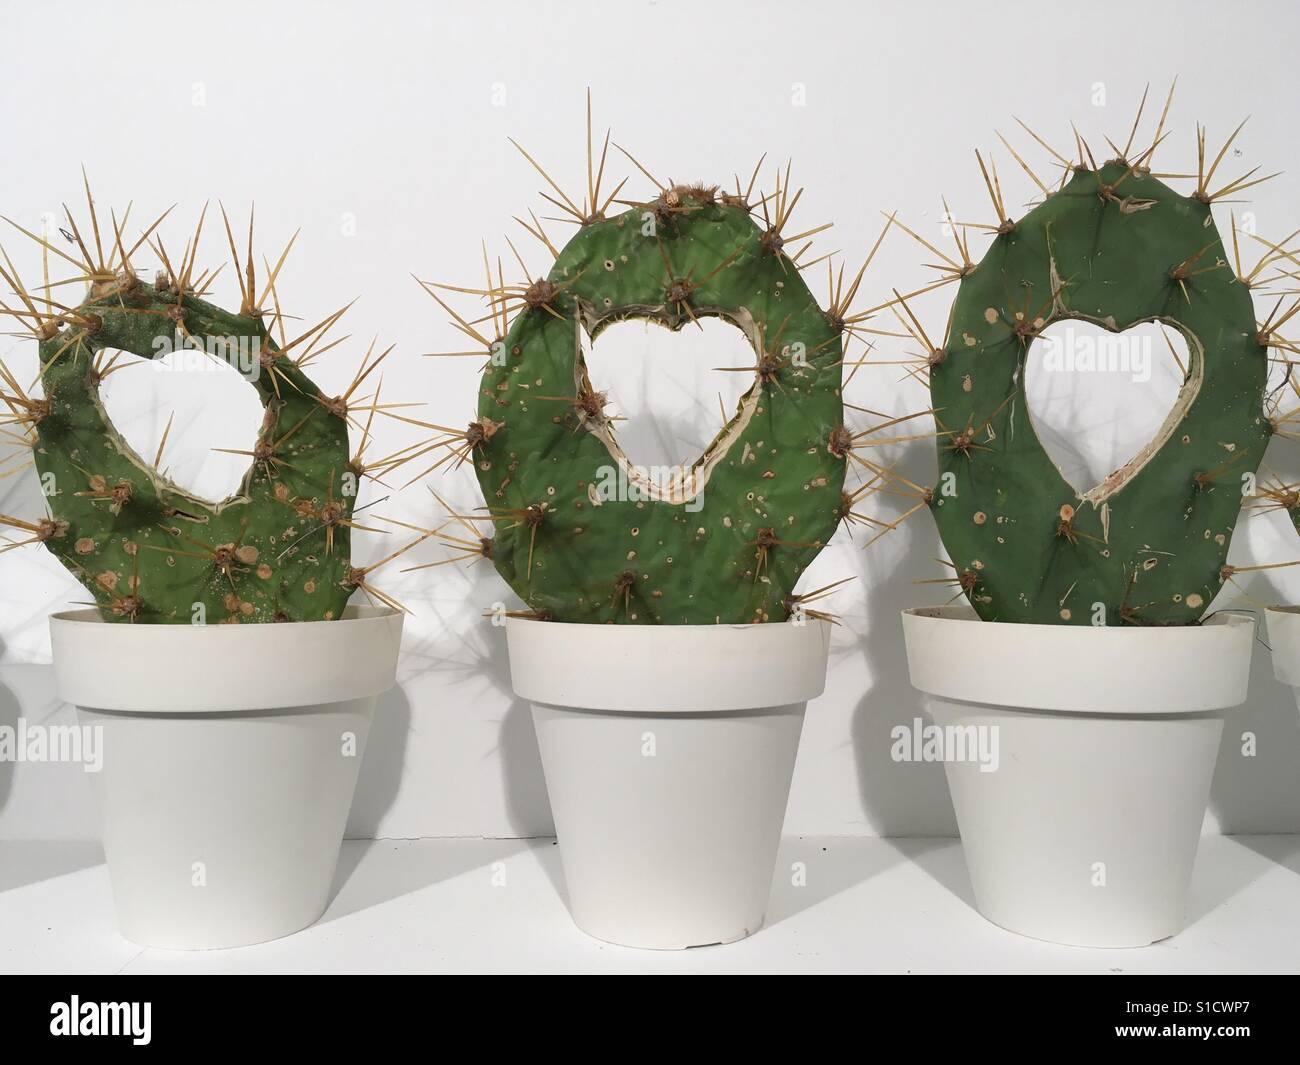 Liebe-Kaktus Stockfoto